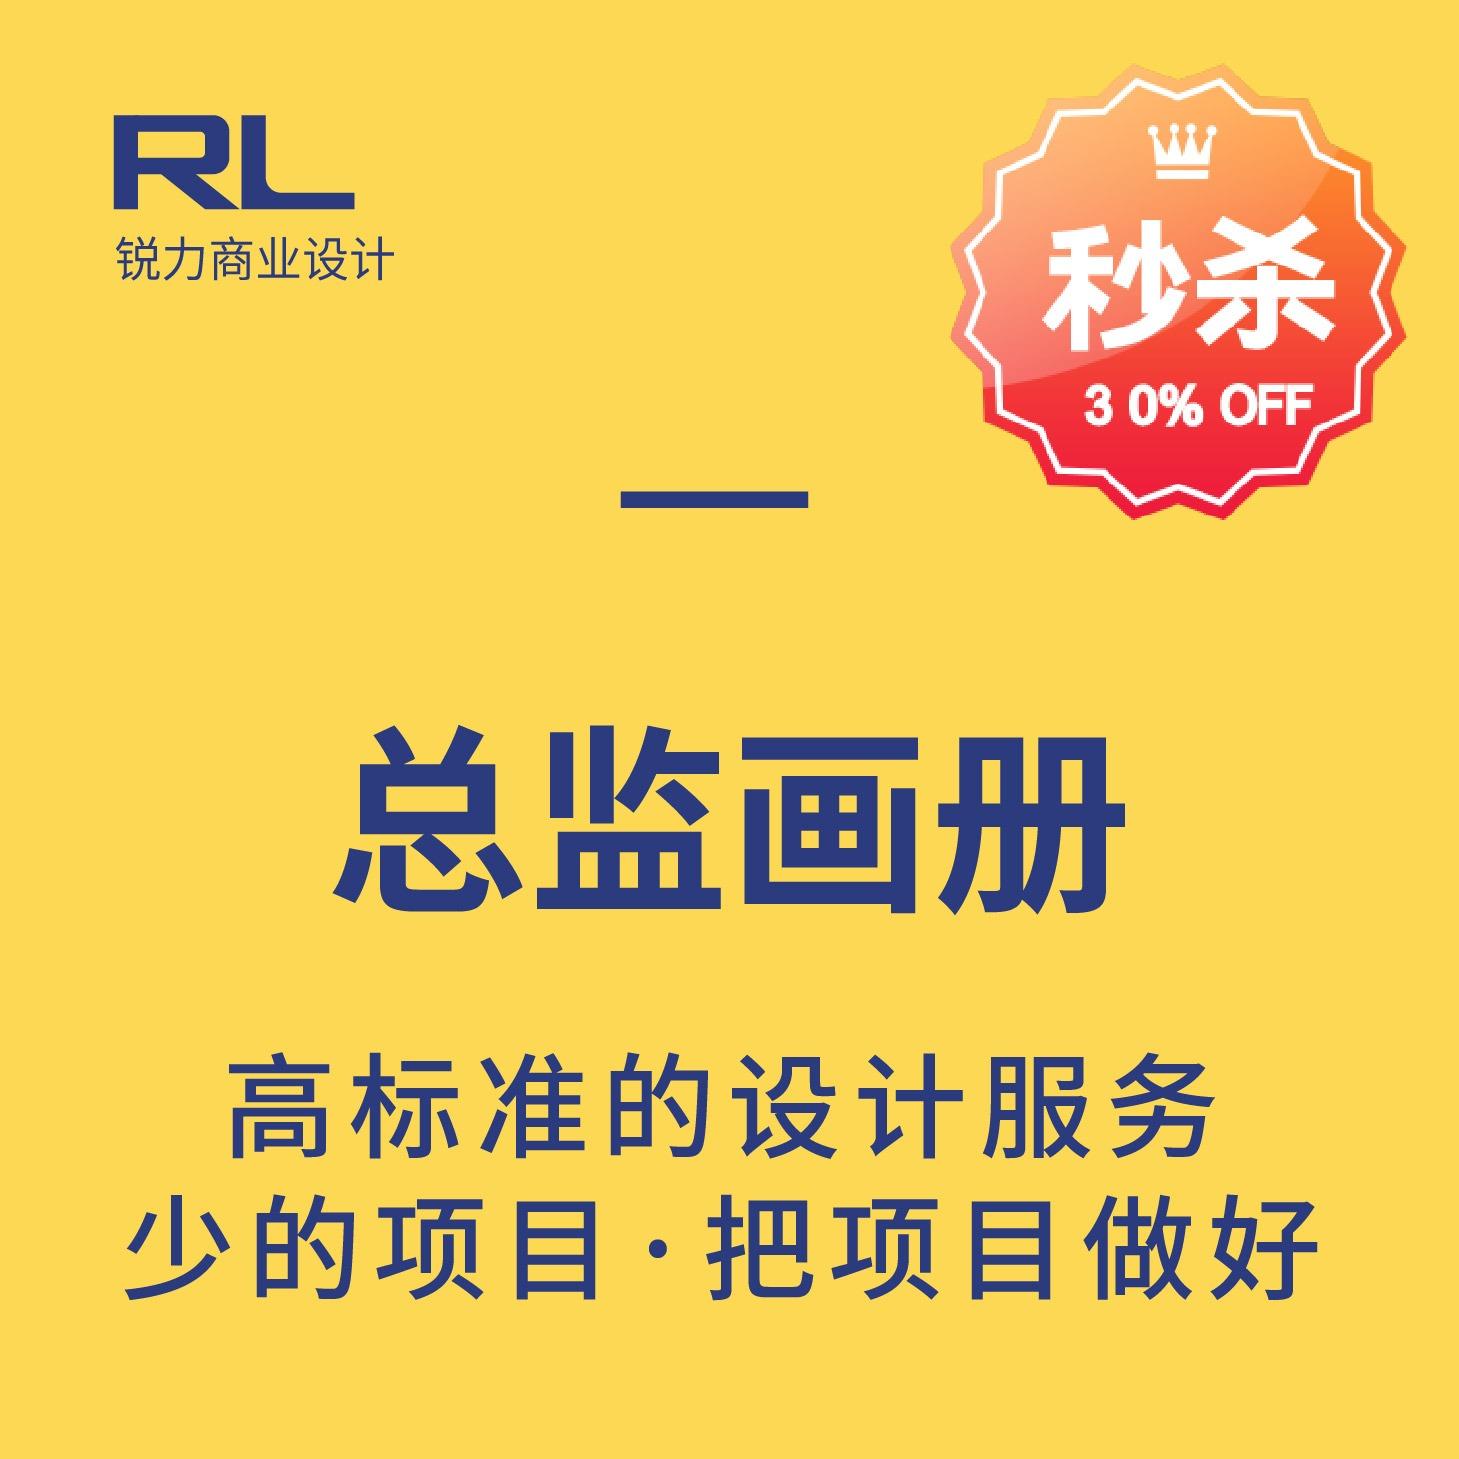 【总监画册】宣传册产品手册BANNER设计PPT展架海报折页